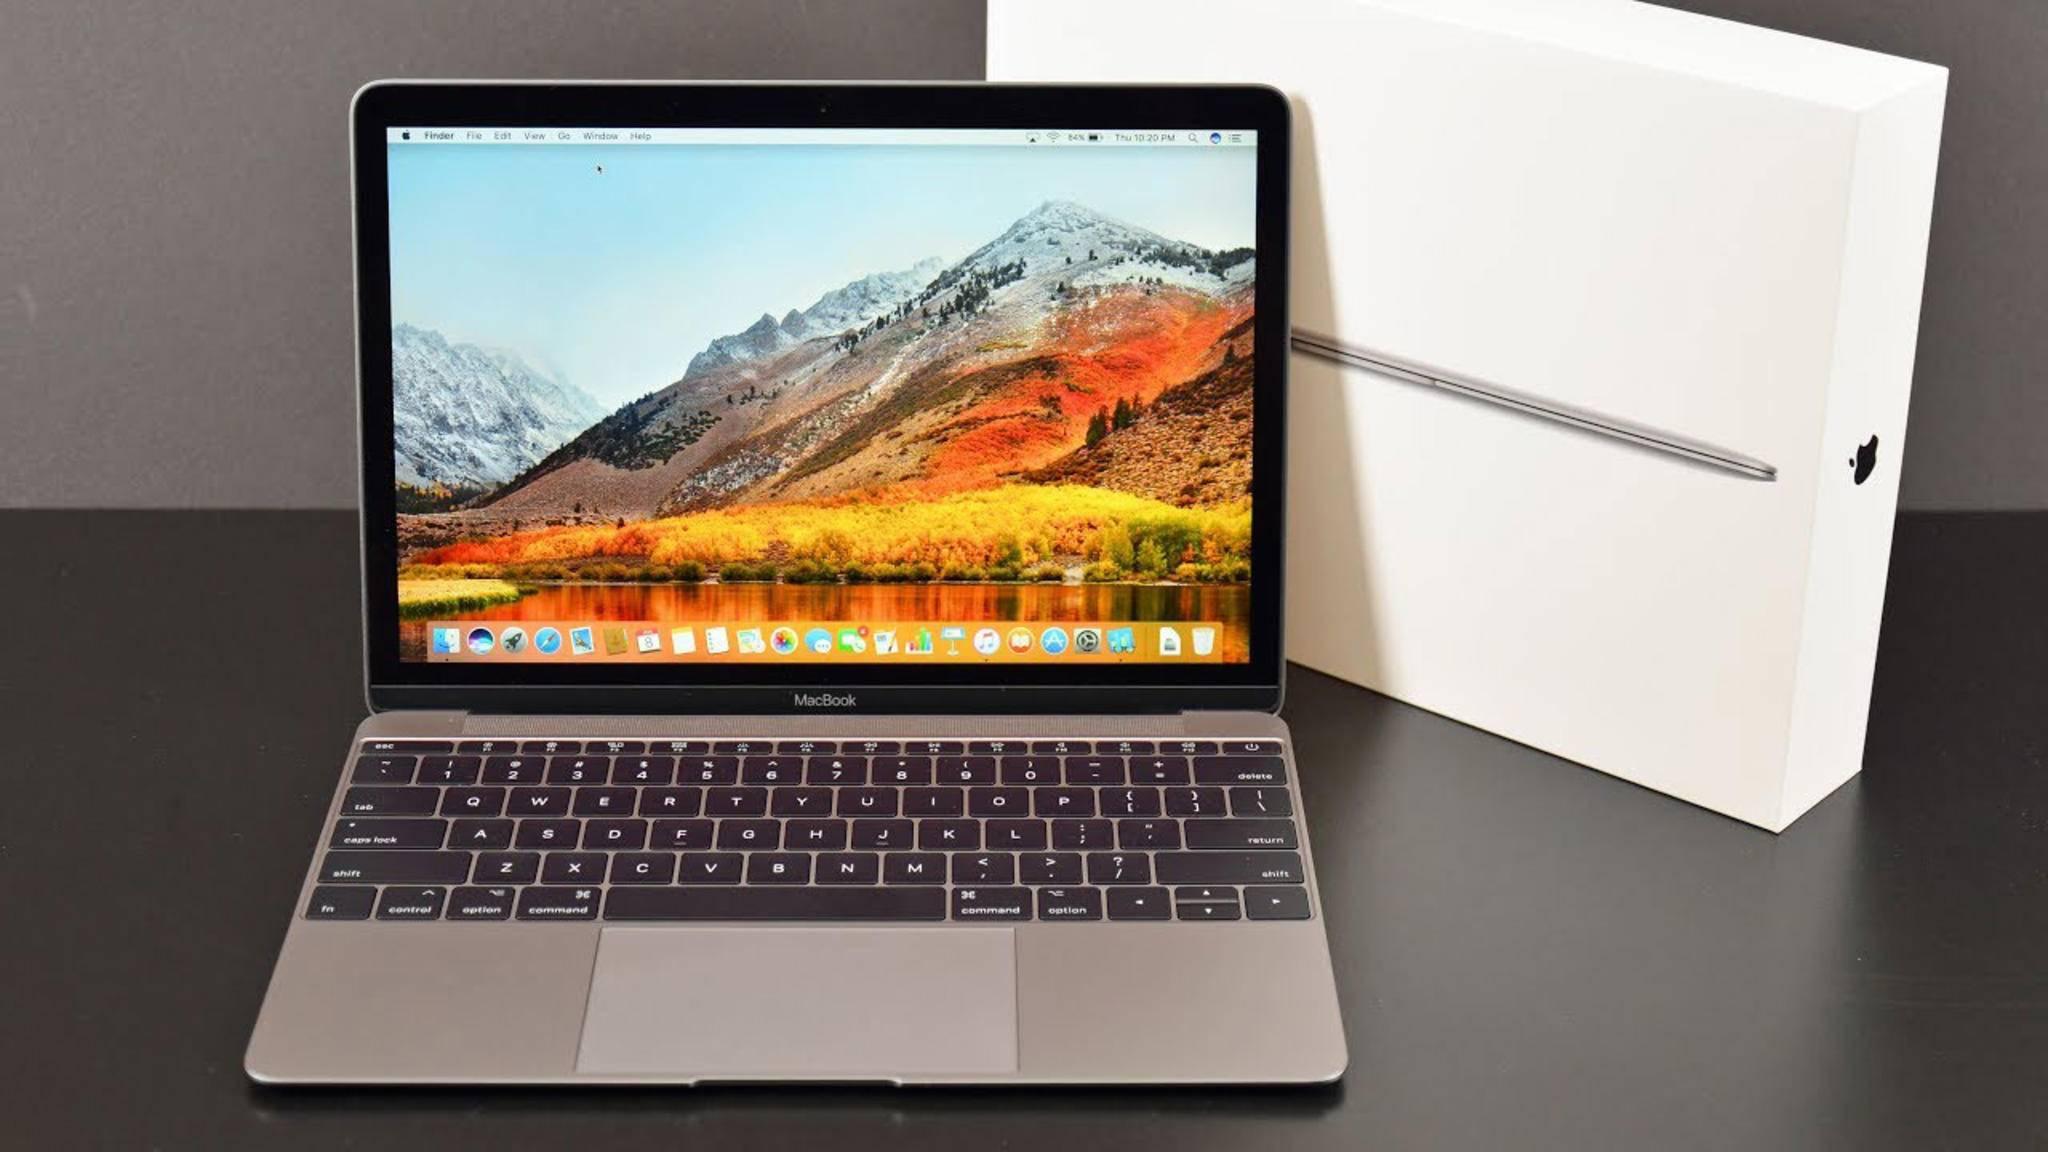 Ein Nachfolger des 12-Zoll-MacBooks soll mit einem Apple-ARM-Chip ausgestattet werden.